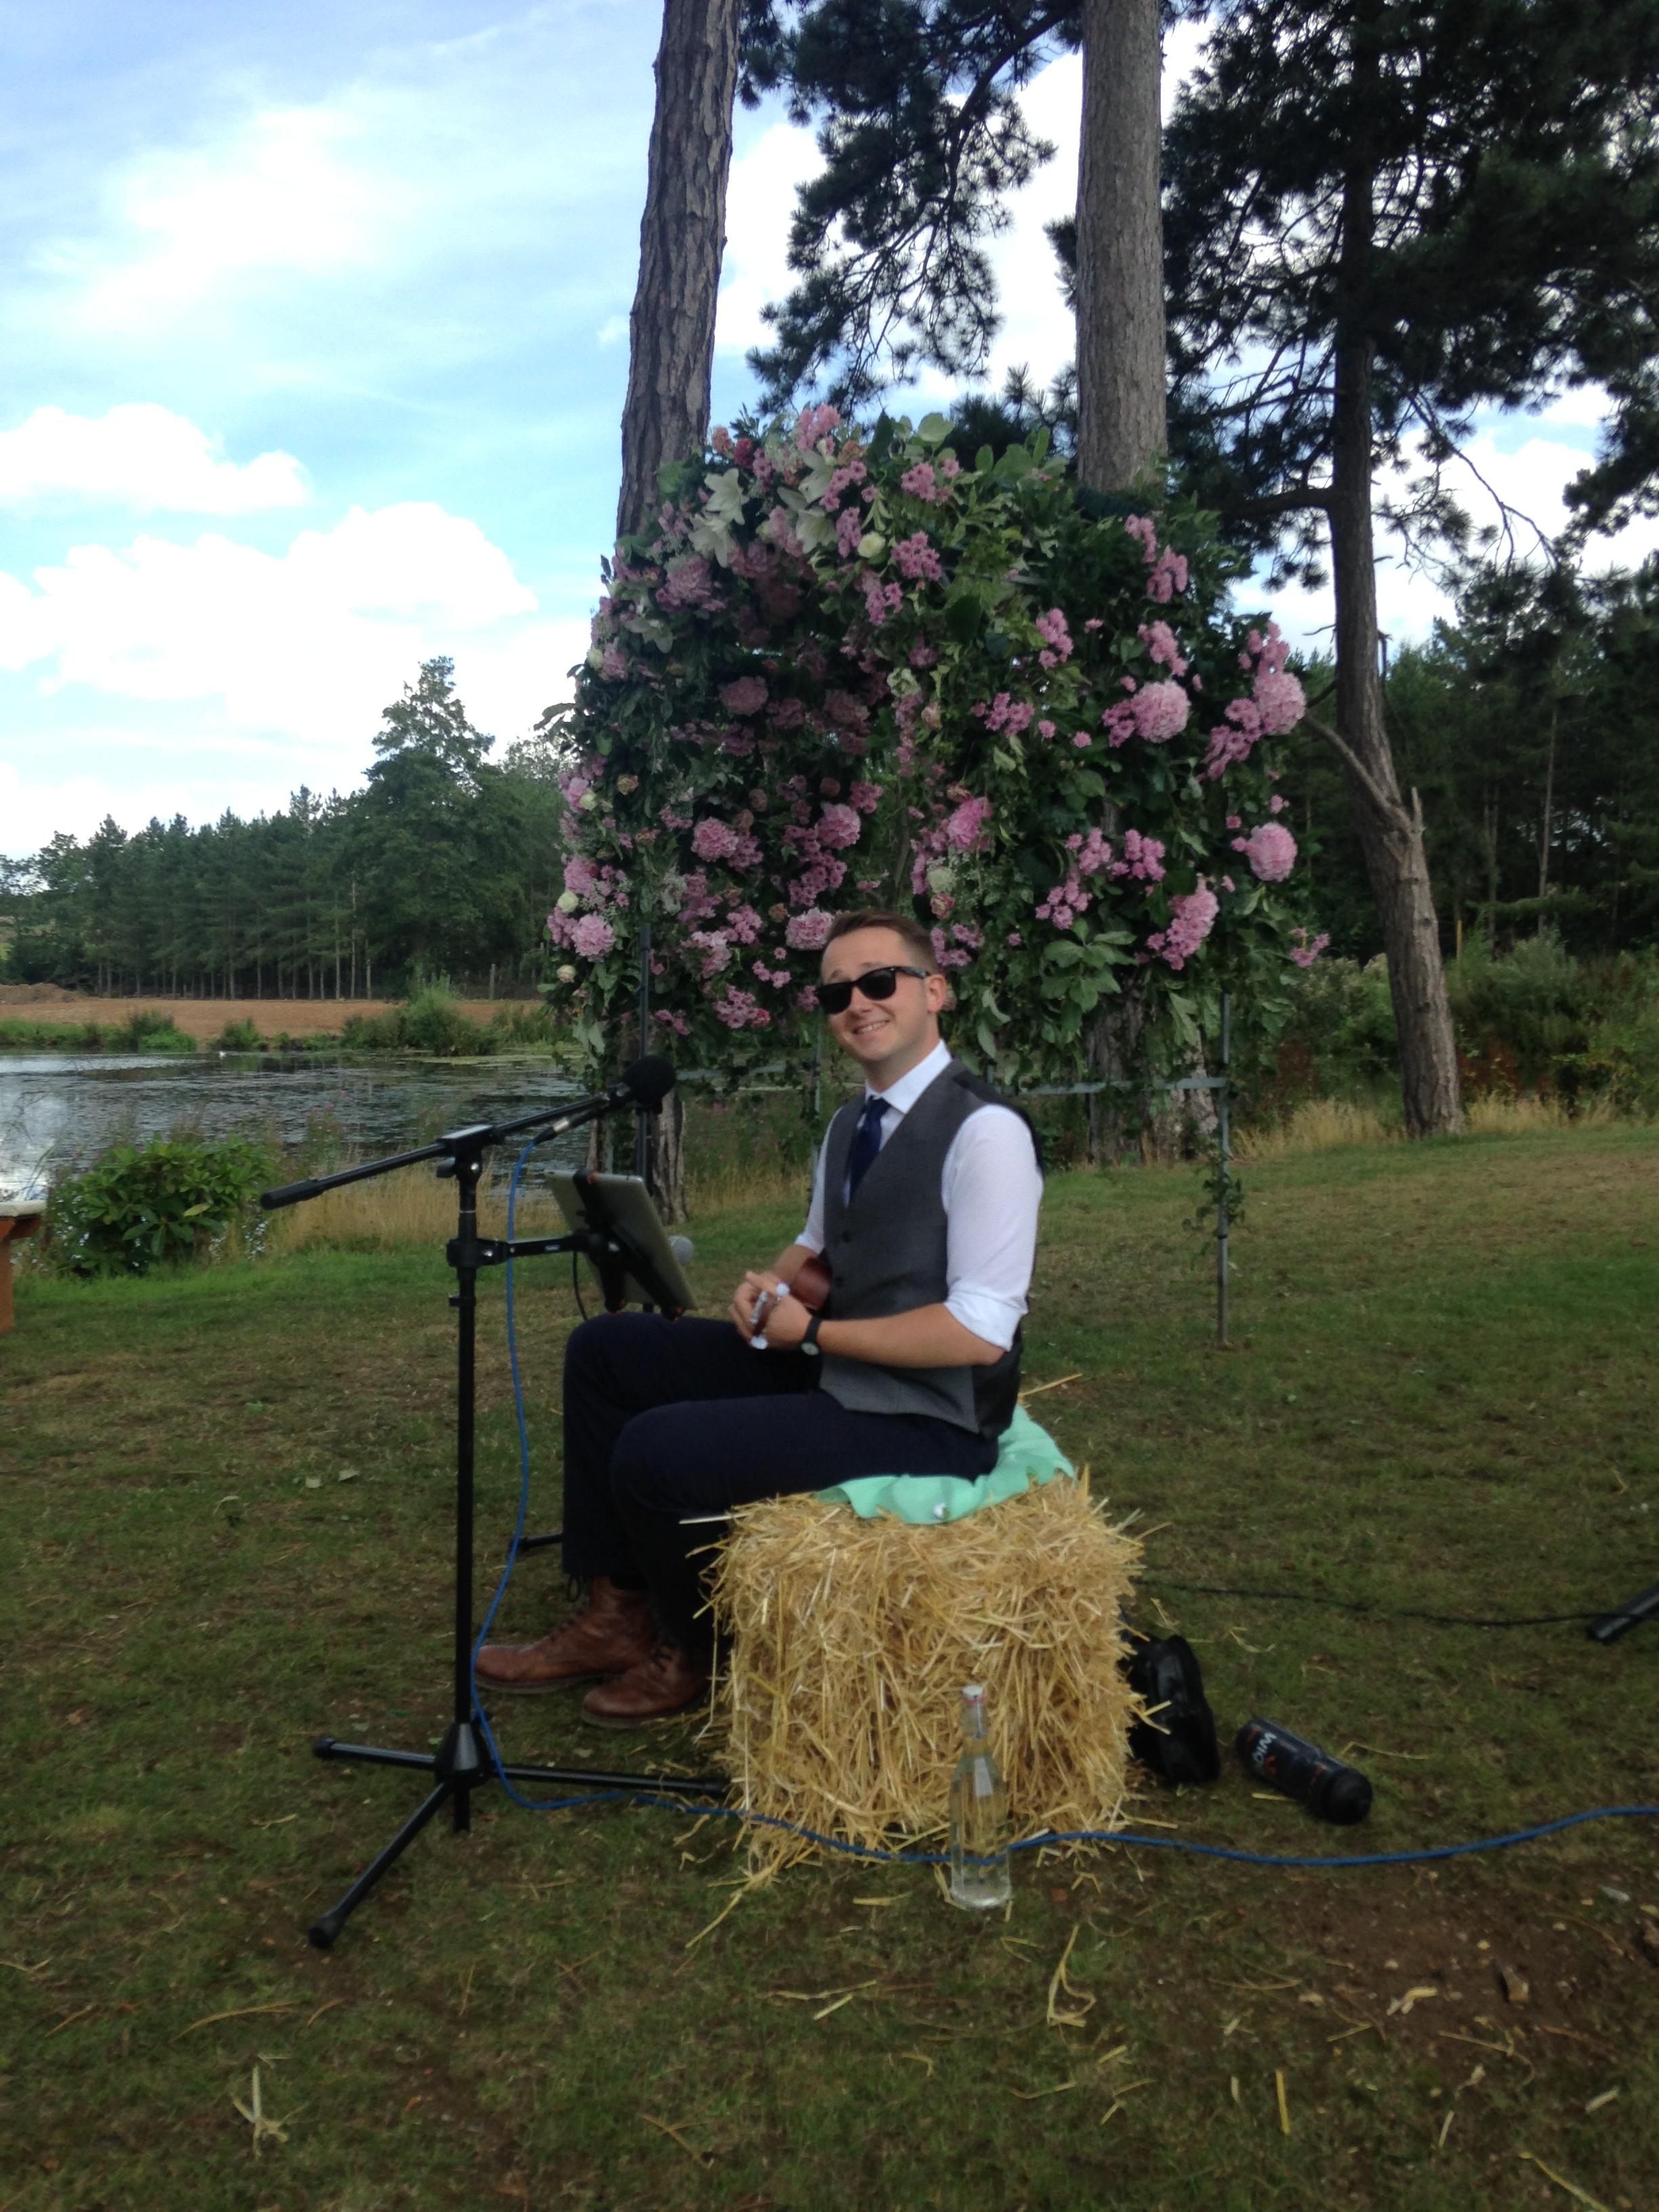 Ukulele Music - Brook Farm Wedding Blessing